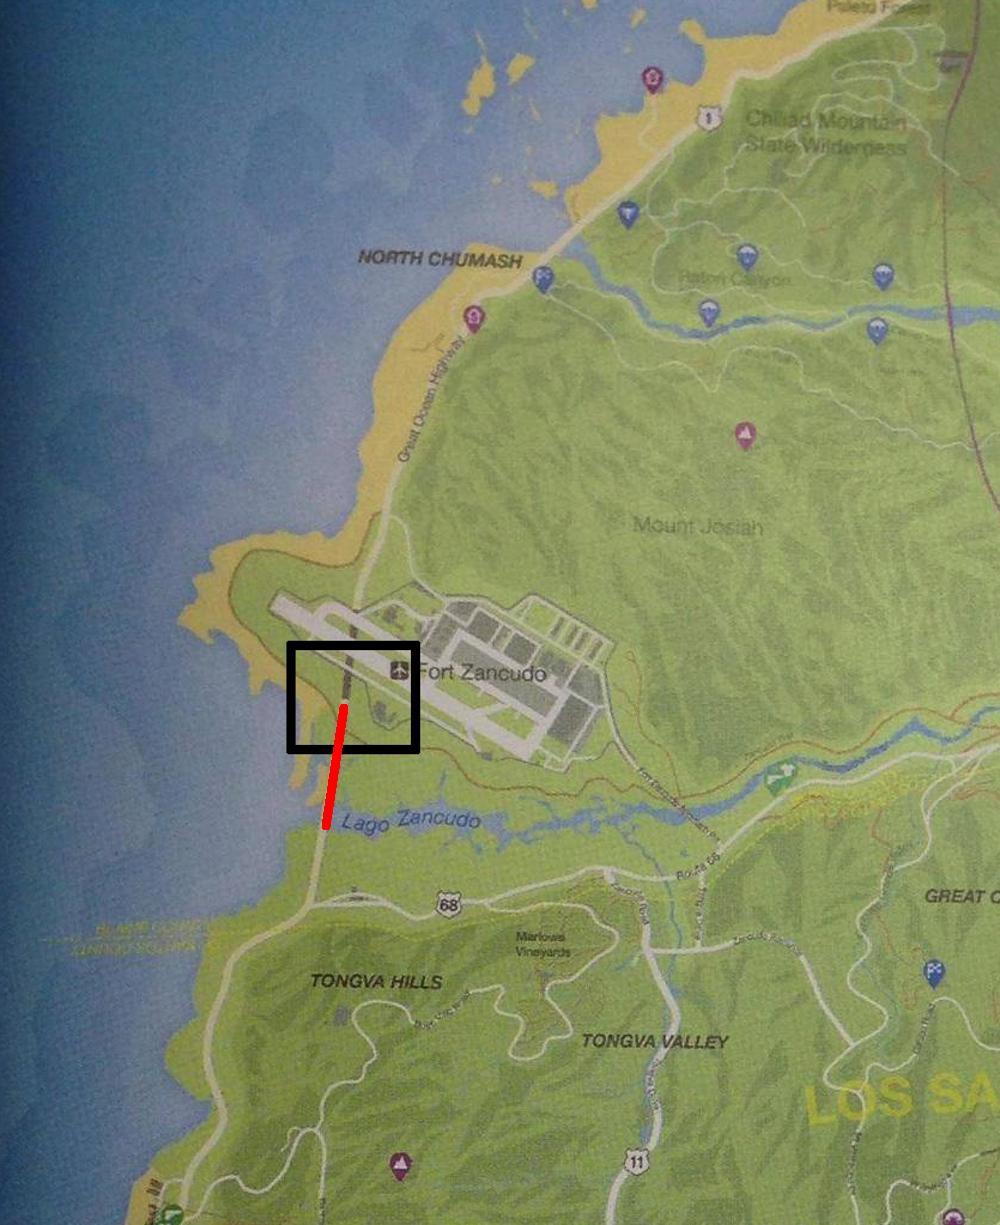 base militaire gta 5 carte jour et horaire mise a jour] Attaque sur la base militaire de LS